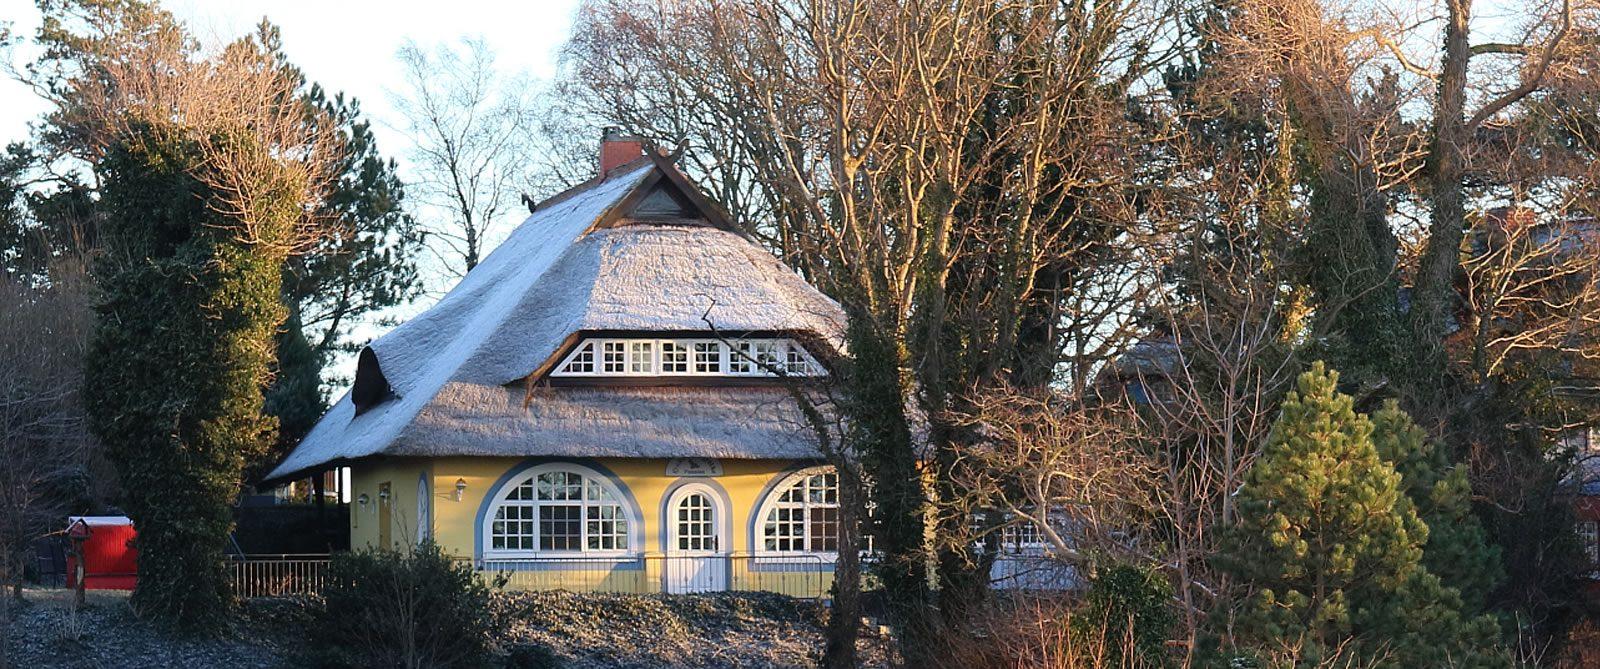 Gästehaus Bergfalke mit Raureif auf dem Rohrdach.